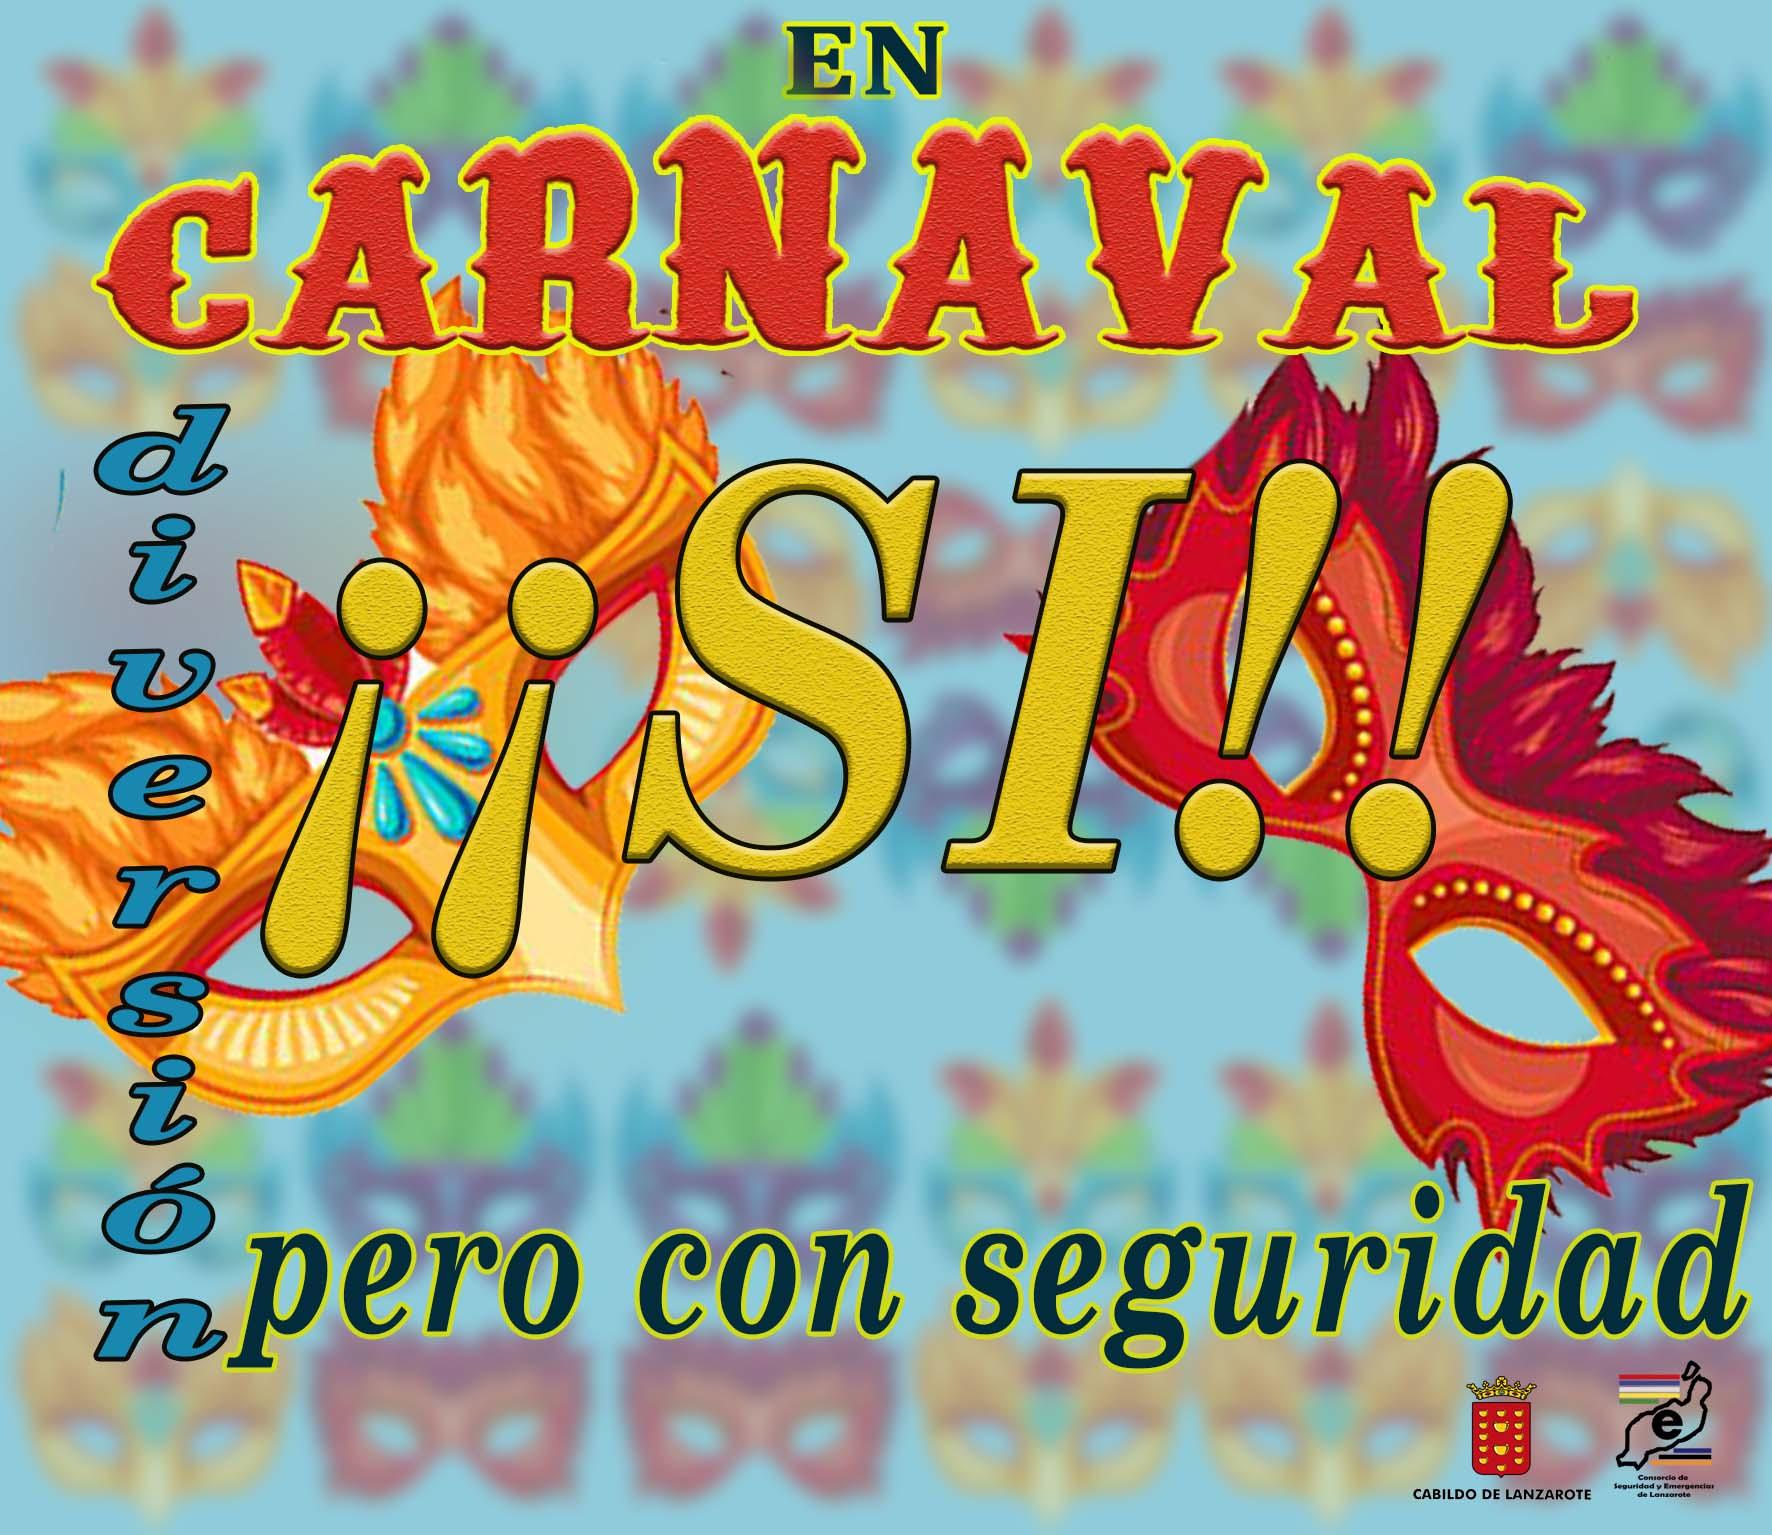 El Consorcio de Seguridad y Emergencias lanza una campaña en Carnavales enfocada a la prevención de las agresiones sexuales